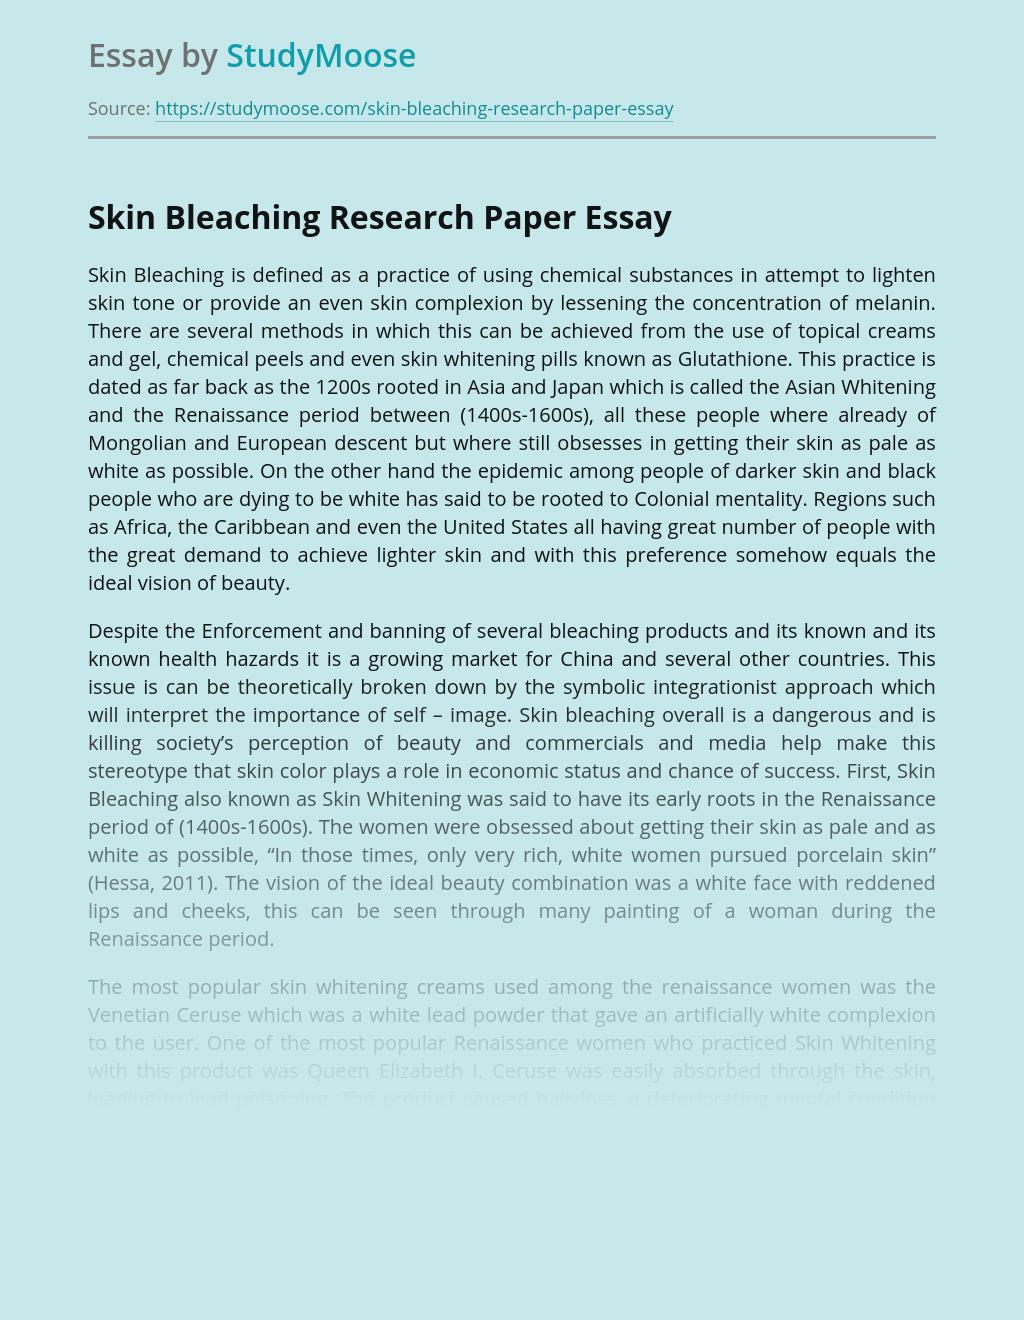 Skin Bleaching Research Paper